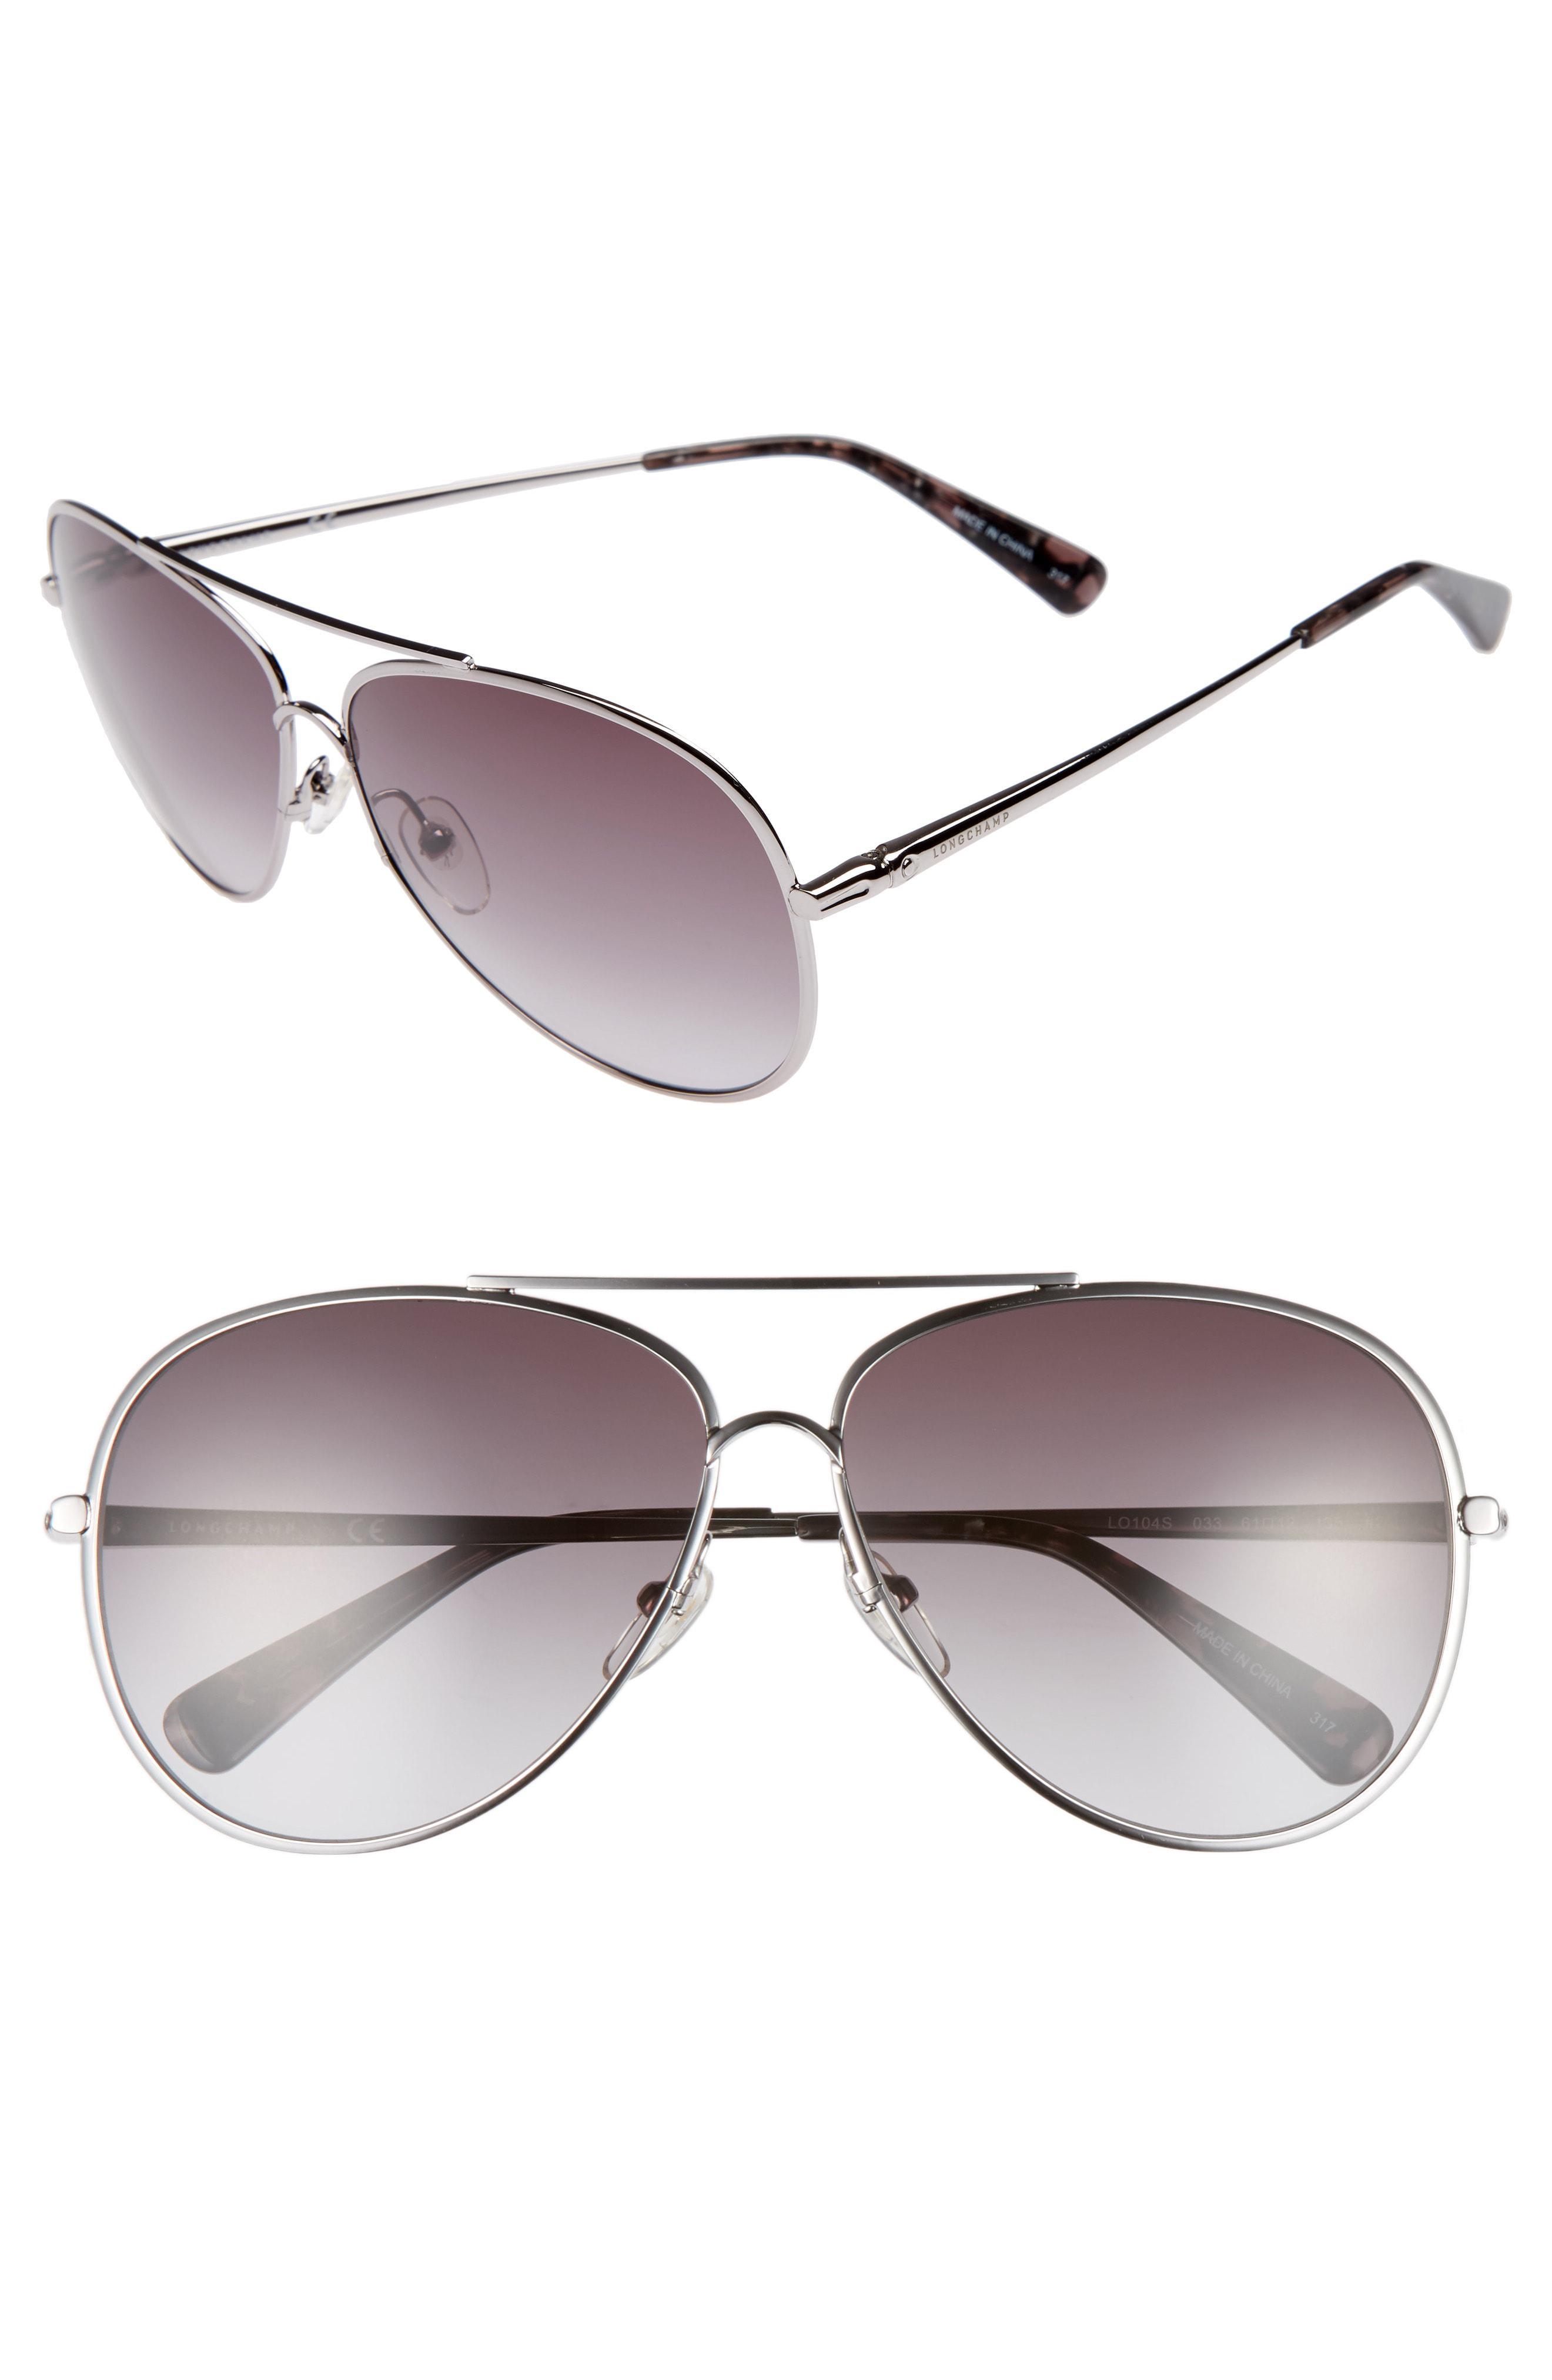 e73140875e Lyst - Longchamp 61mm Gradient Lens Aviator Sunglasses - Gunmetal in ...